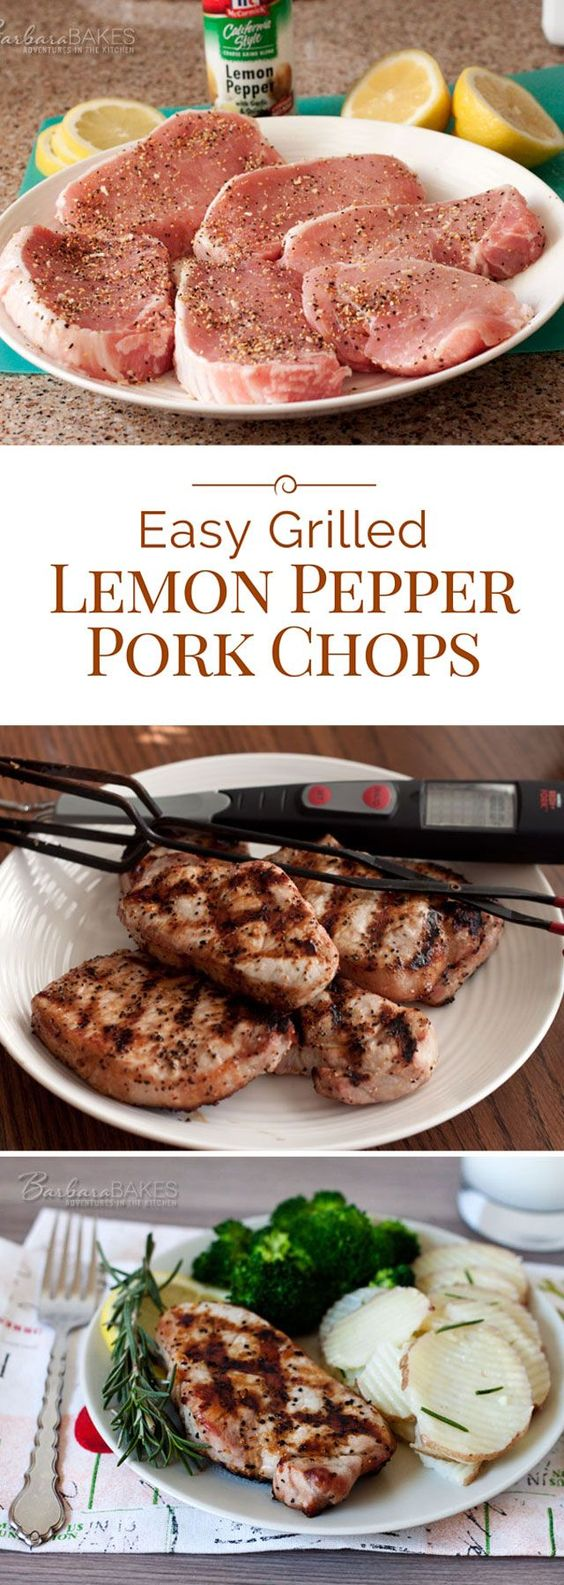 EASY GRILLED LEMON PEPPER PORK CHOPS